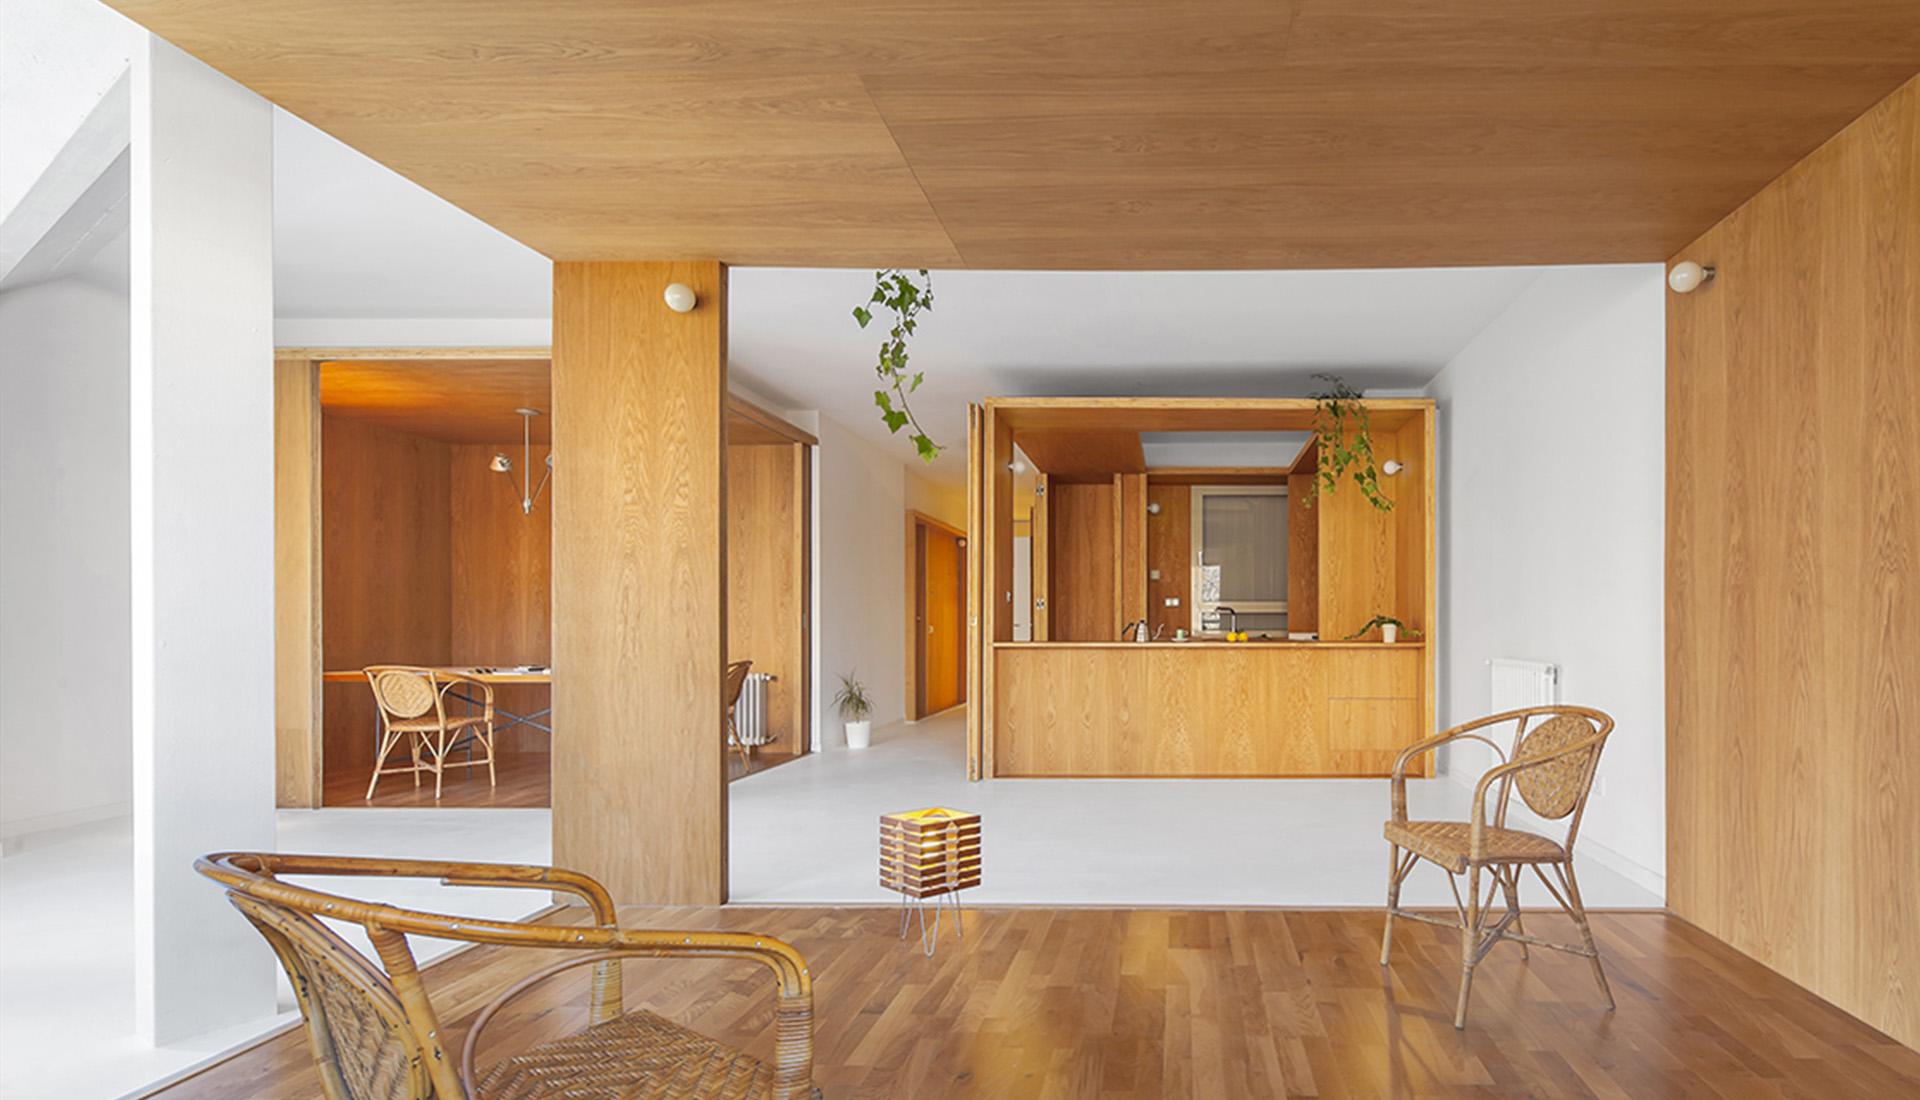 Sala de estar - rehabilitación arquitectónica - apartamento extenso-intenso - Barcelona